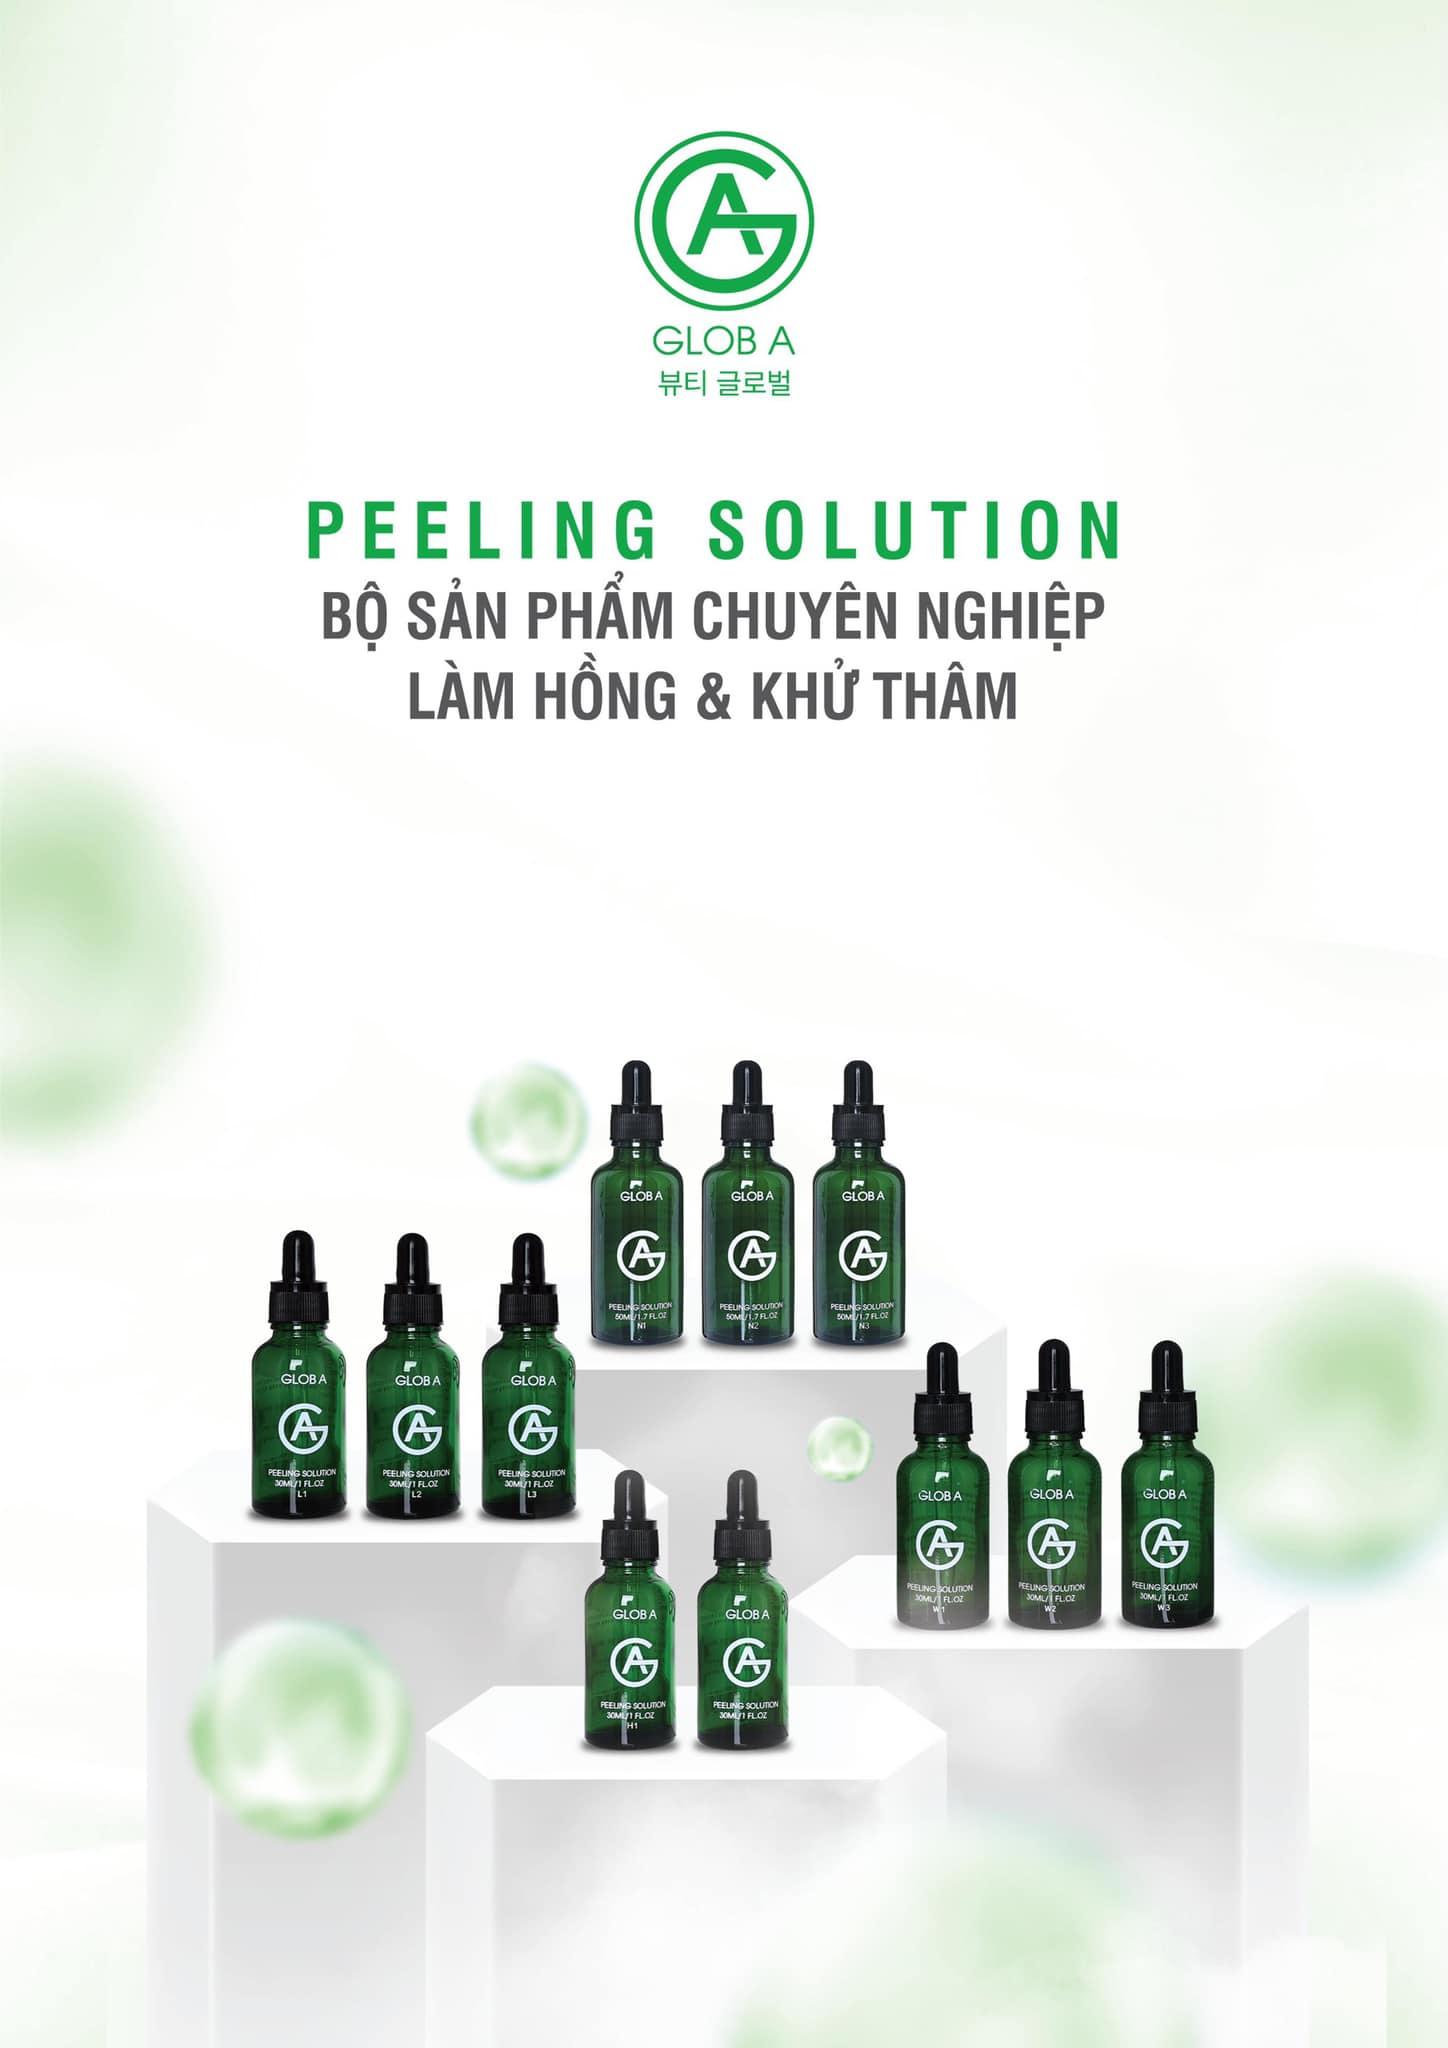 Glob A Peeling Solution - Bộ sản phẩm chuyên nghiệp làm hồng & Khử thâm.